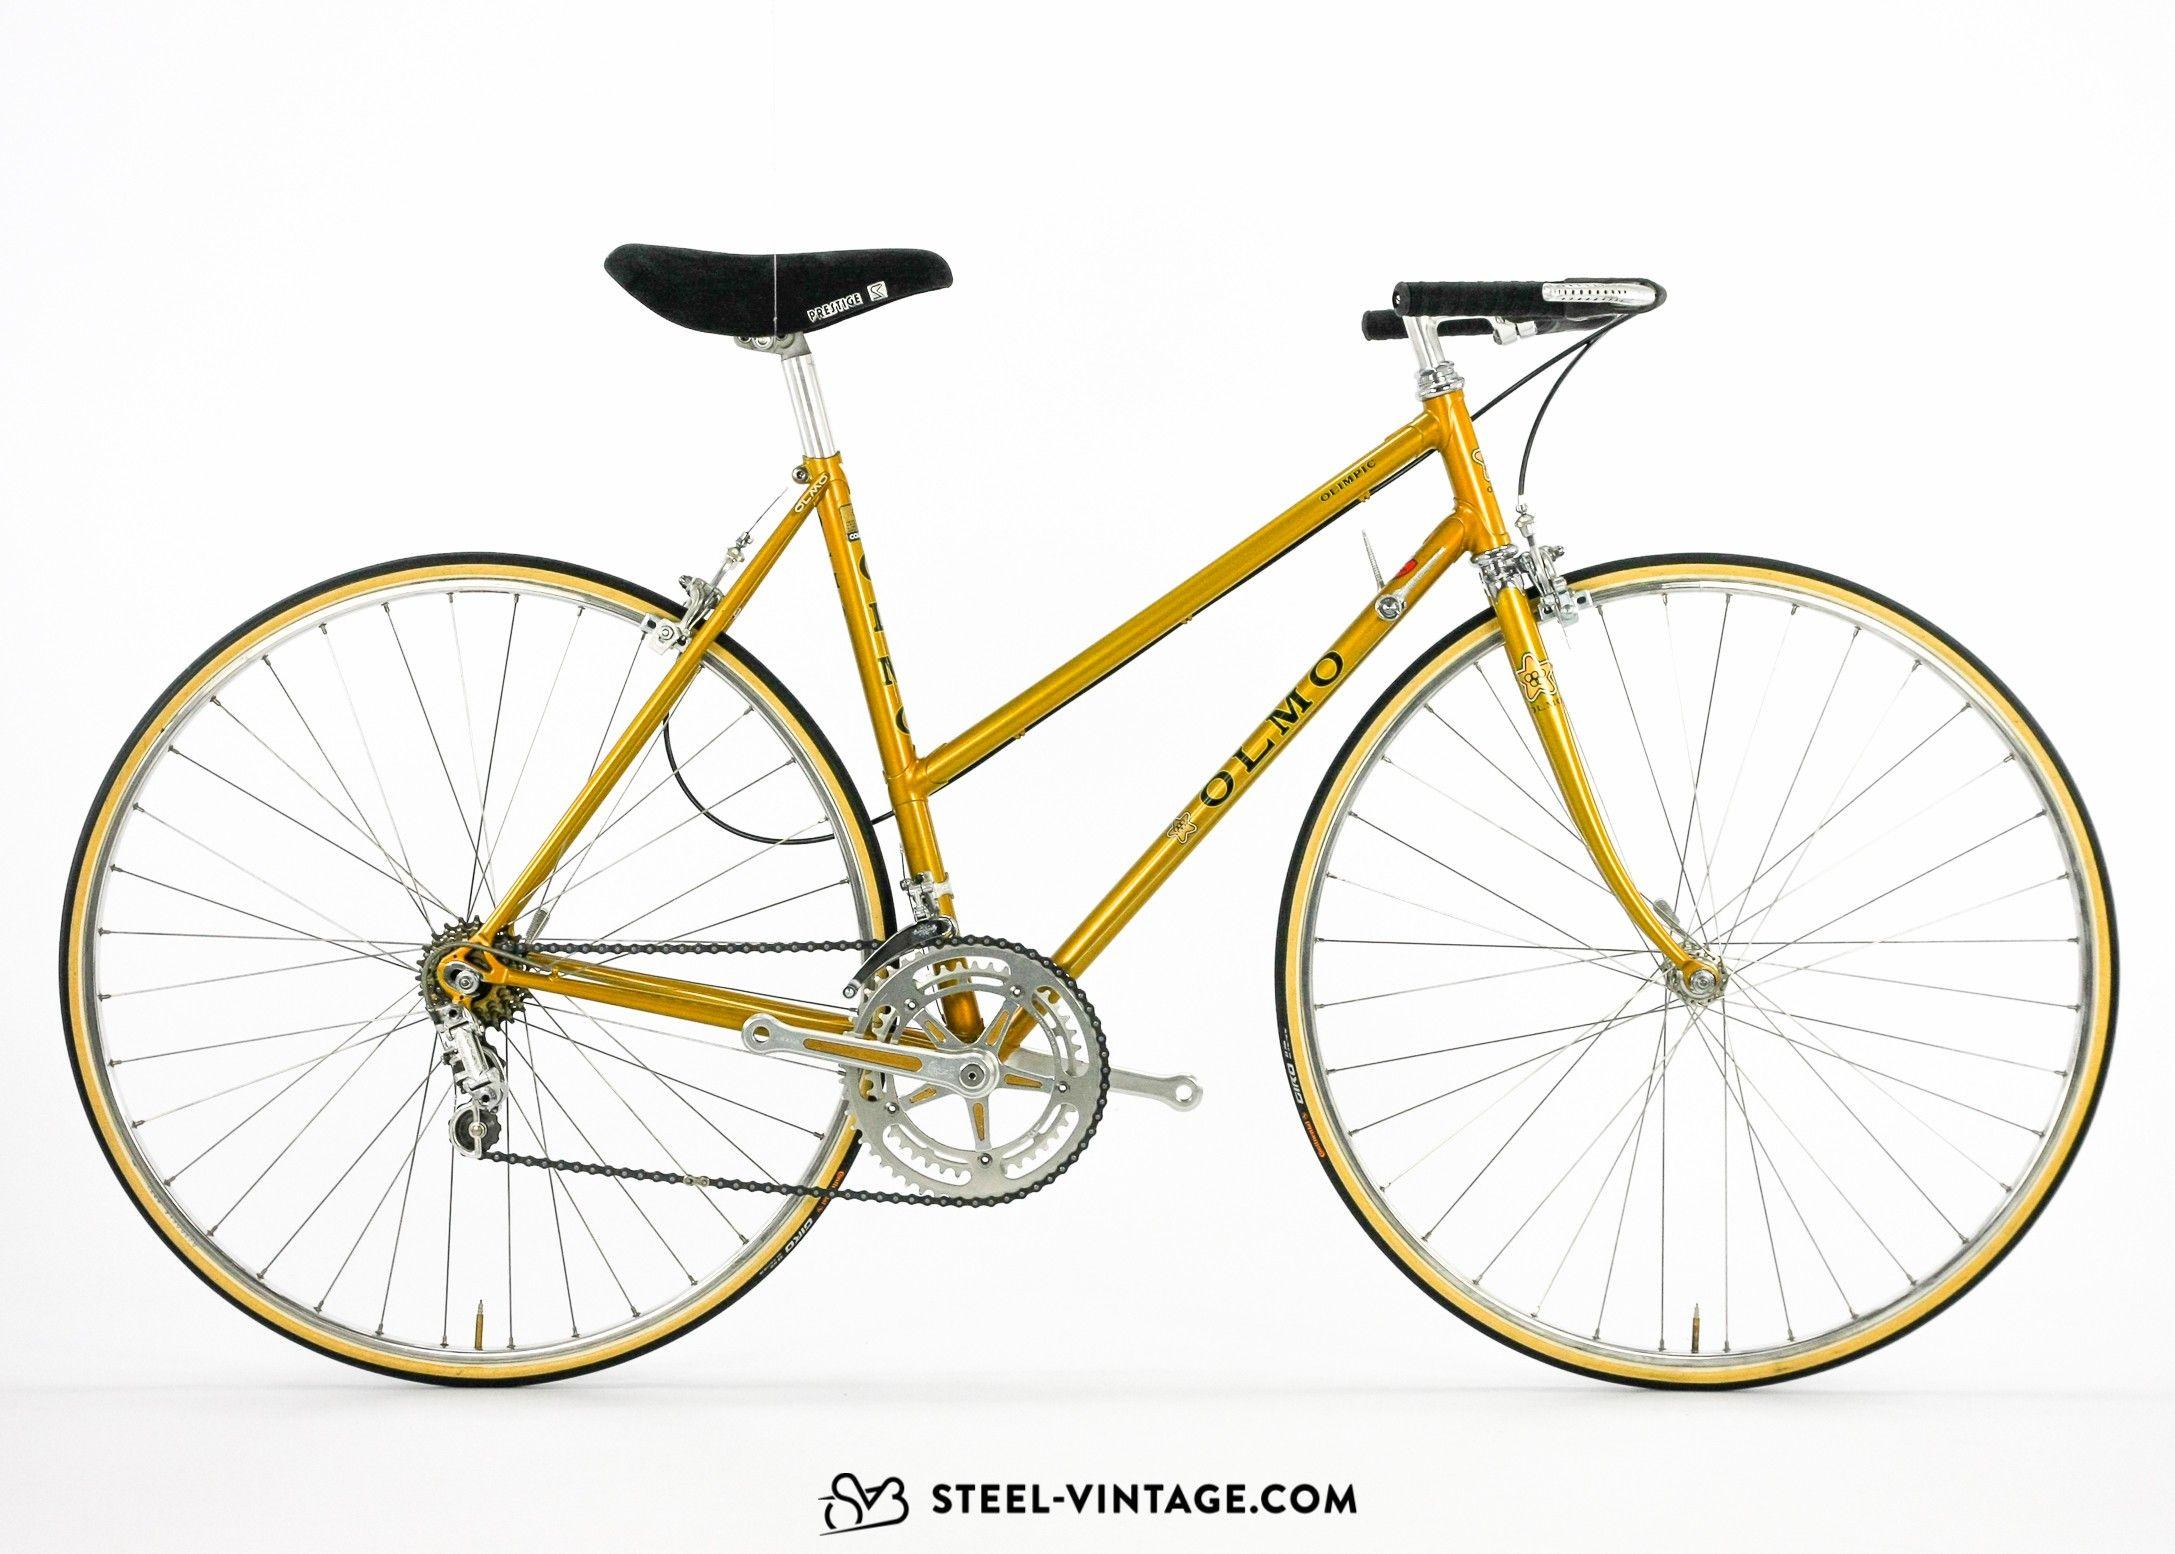 Steel Vintage Bikes Olmo Olimpic Classic Ladies Road Bicycle Road Bicycle Vintage Bikes Bicycle